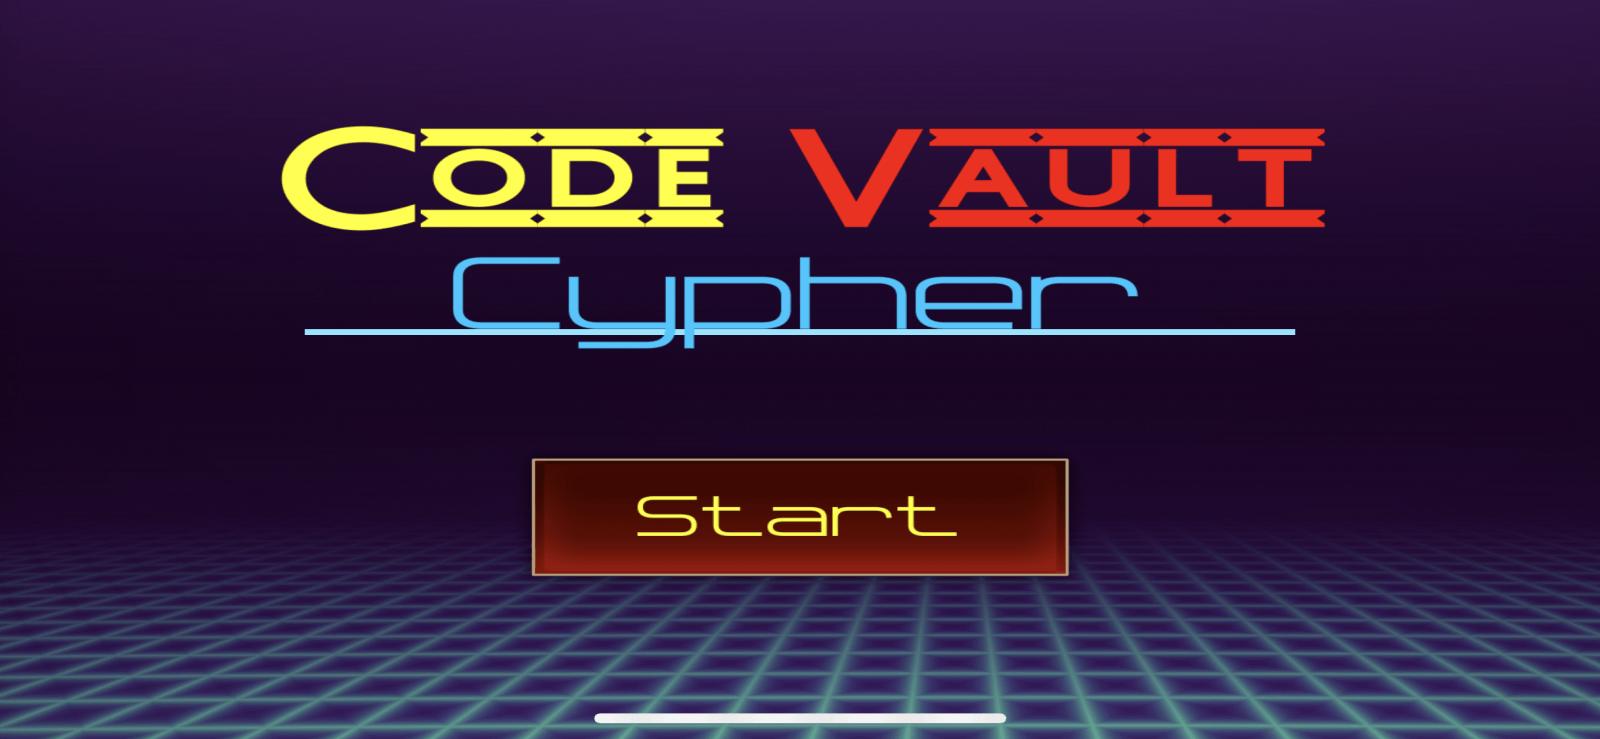 Code Vault Cypher